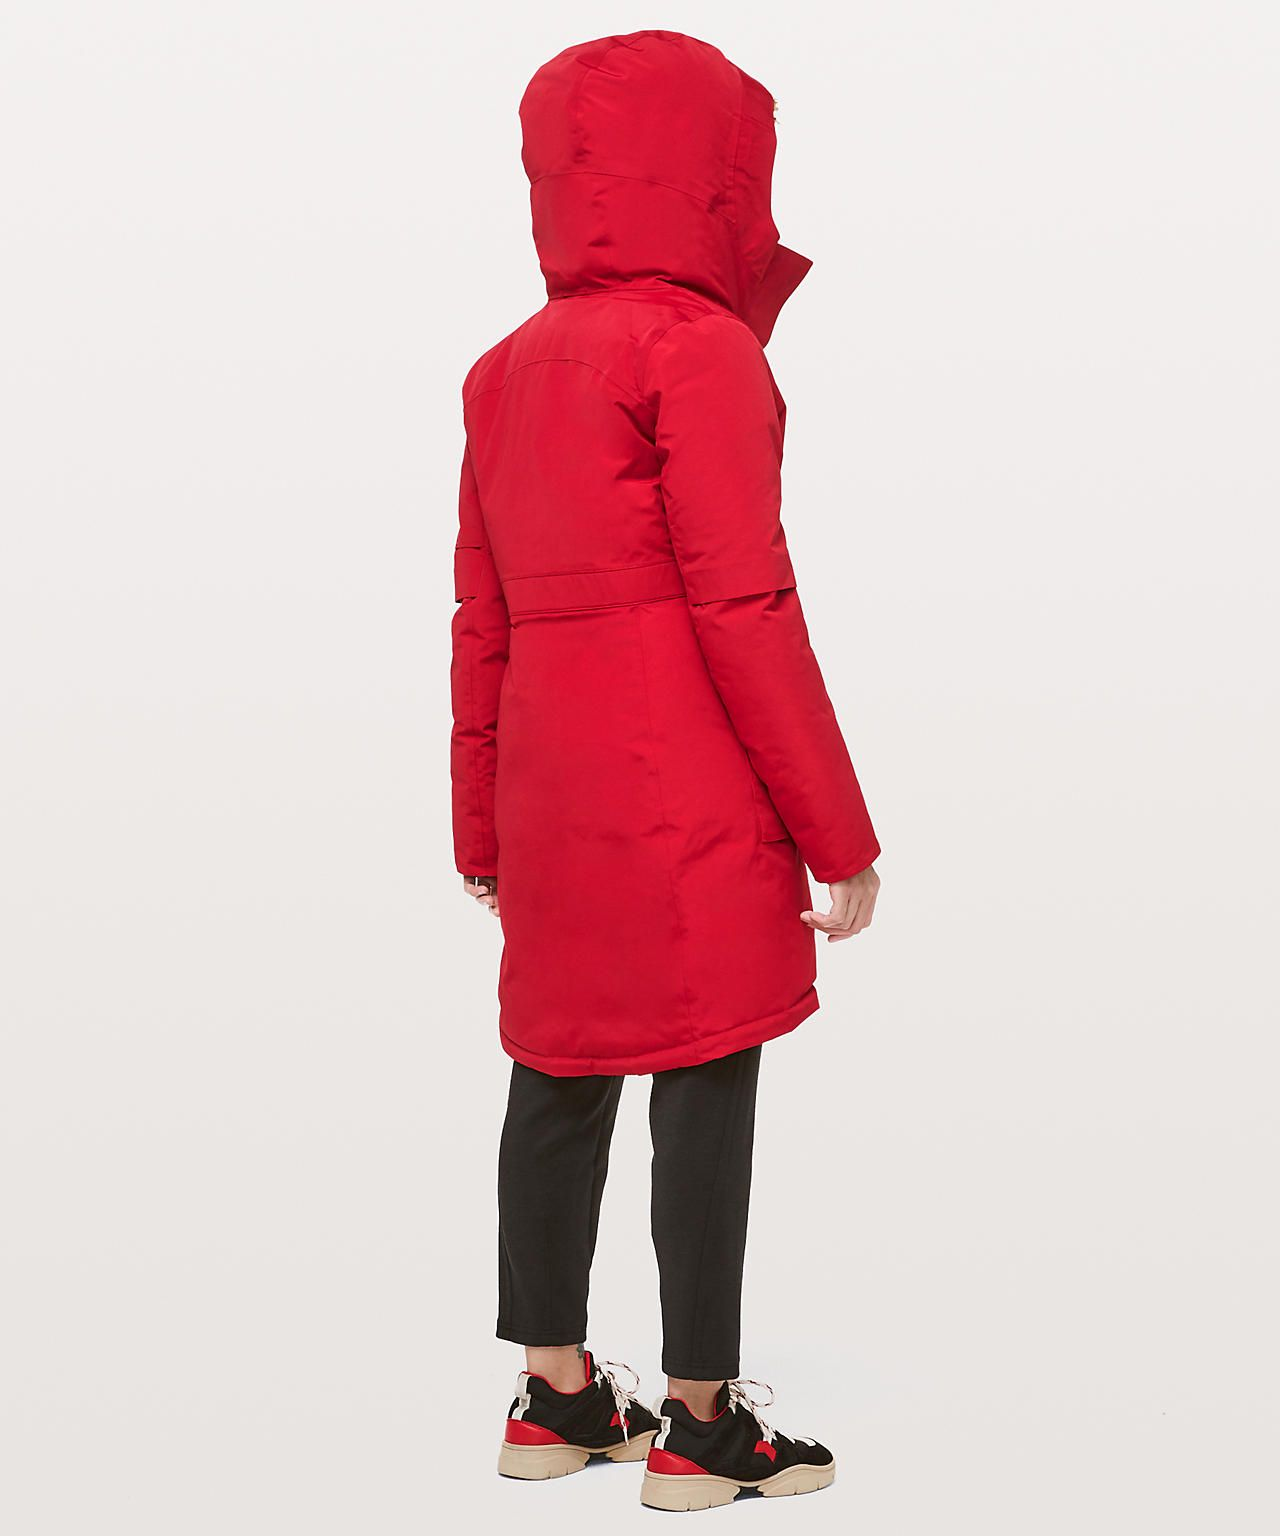 Volkmar S Damen StyleWinter auf von Pin jacketsCoats Tlc1uFKJ3